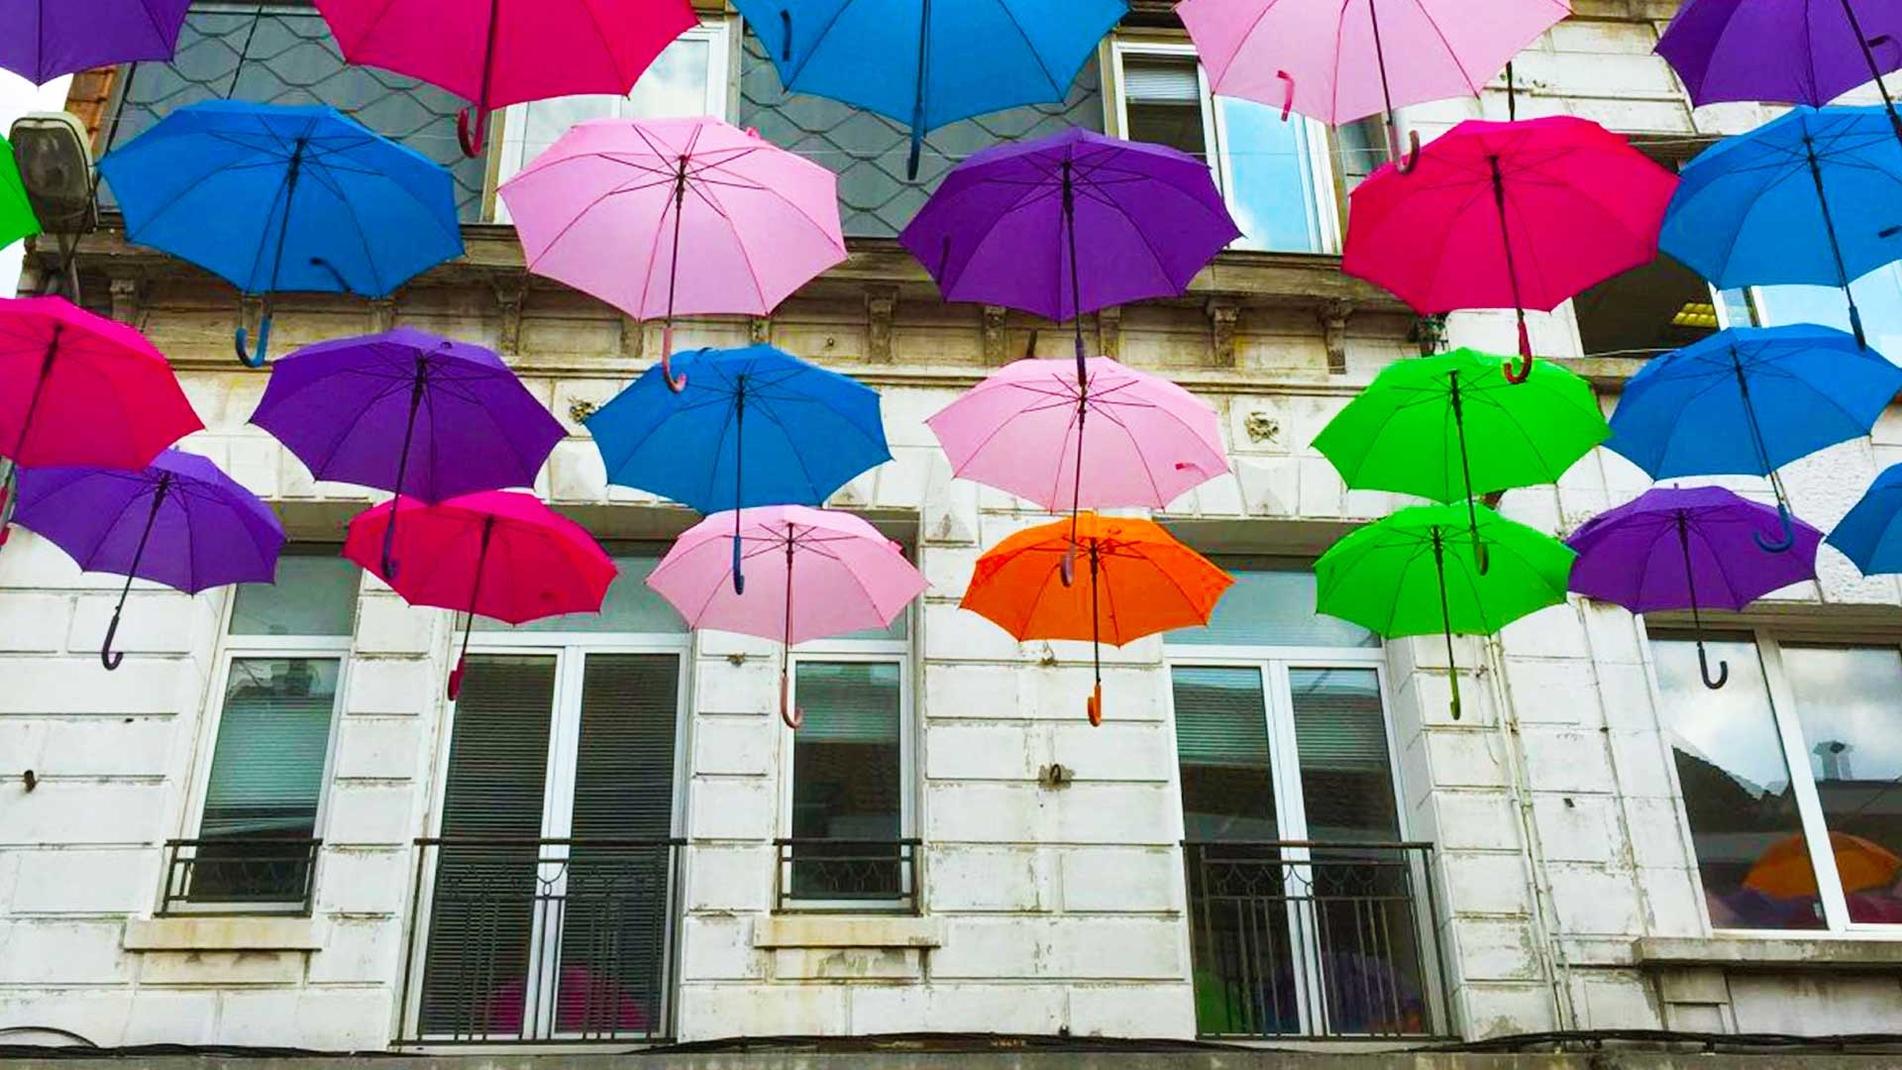 Umbrella Sky Project - Lens'17